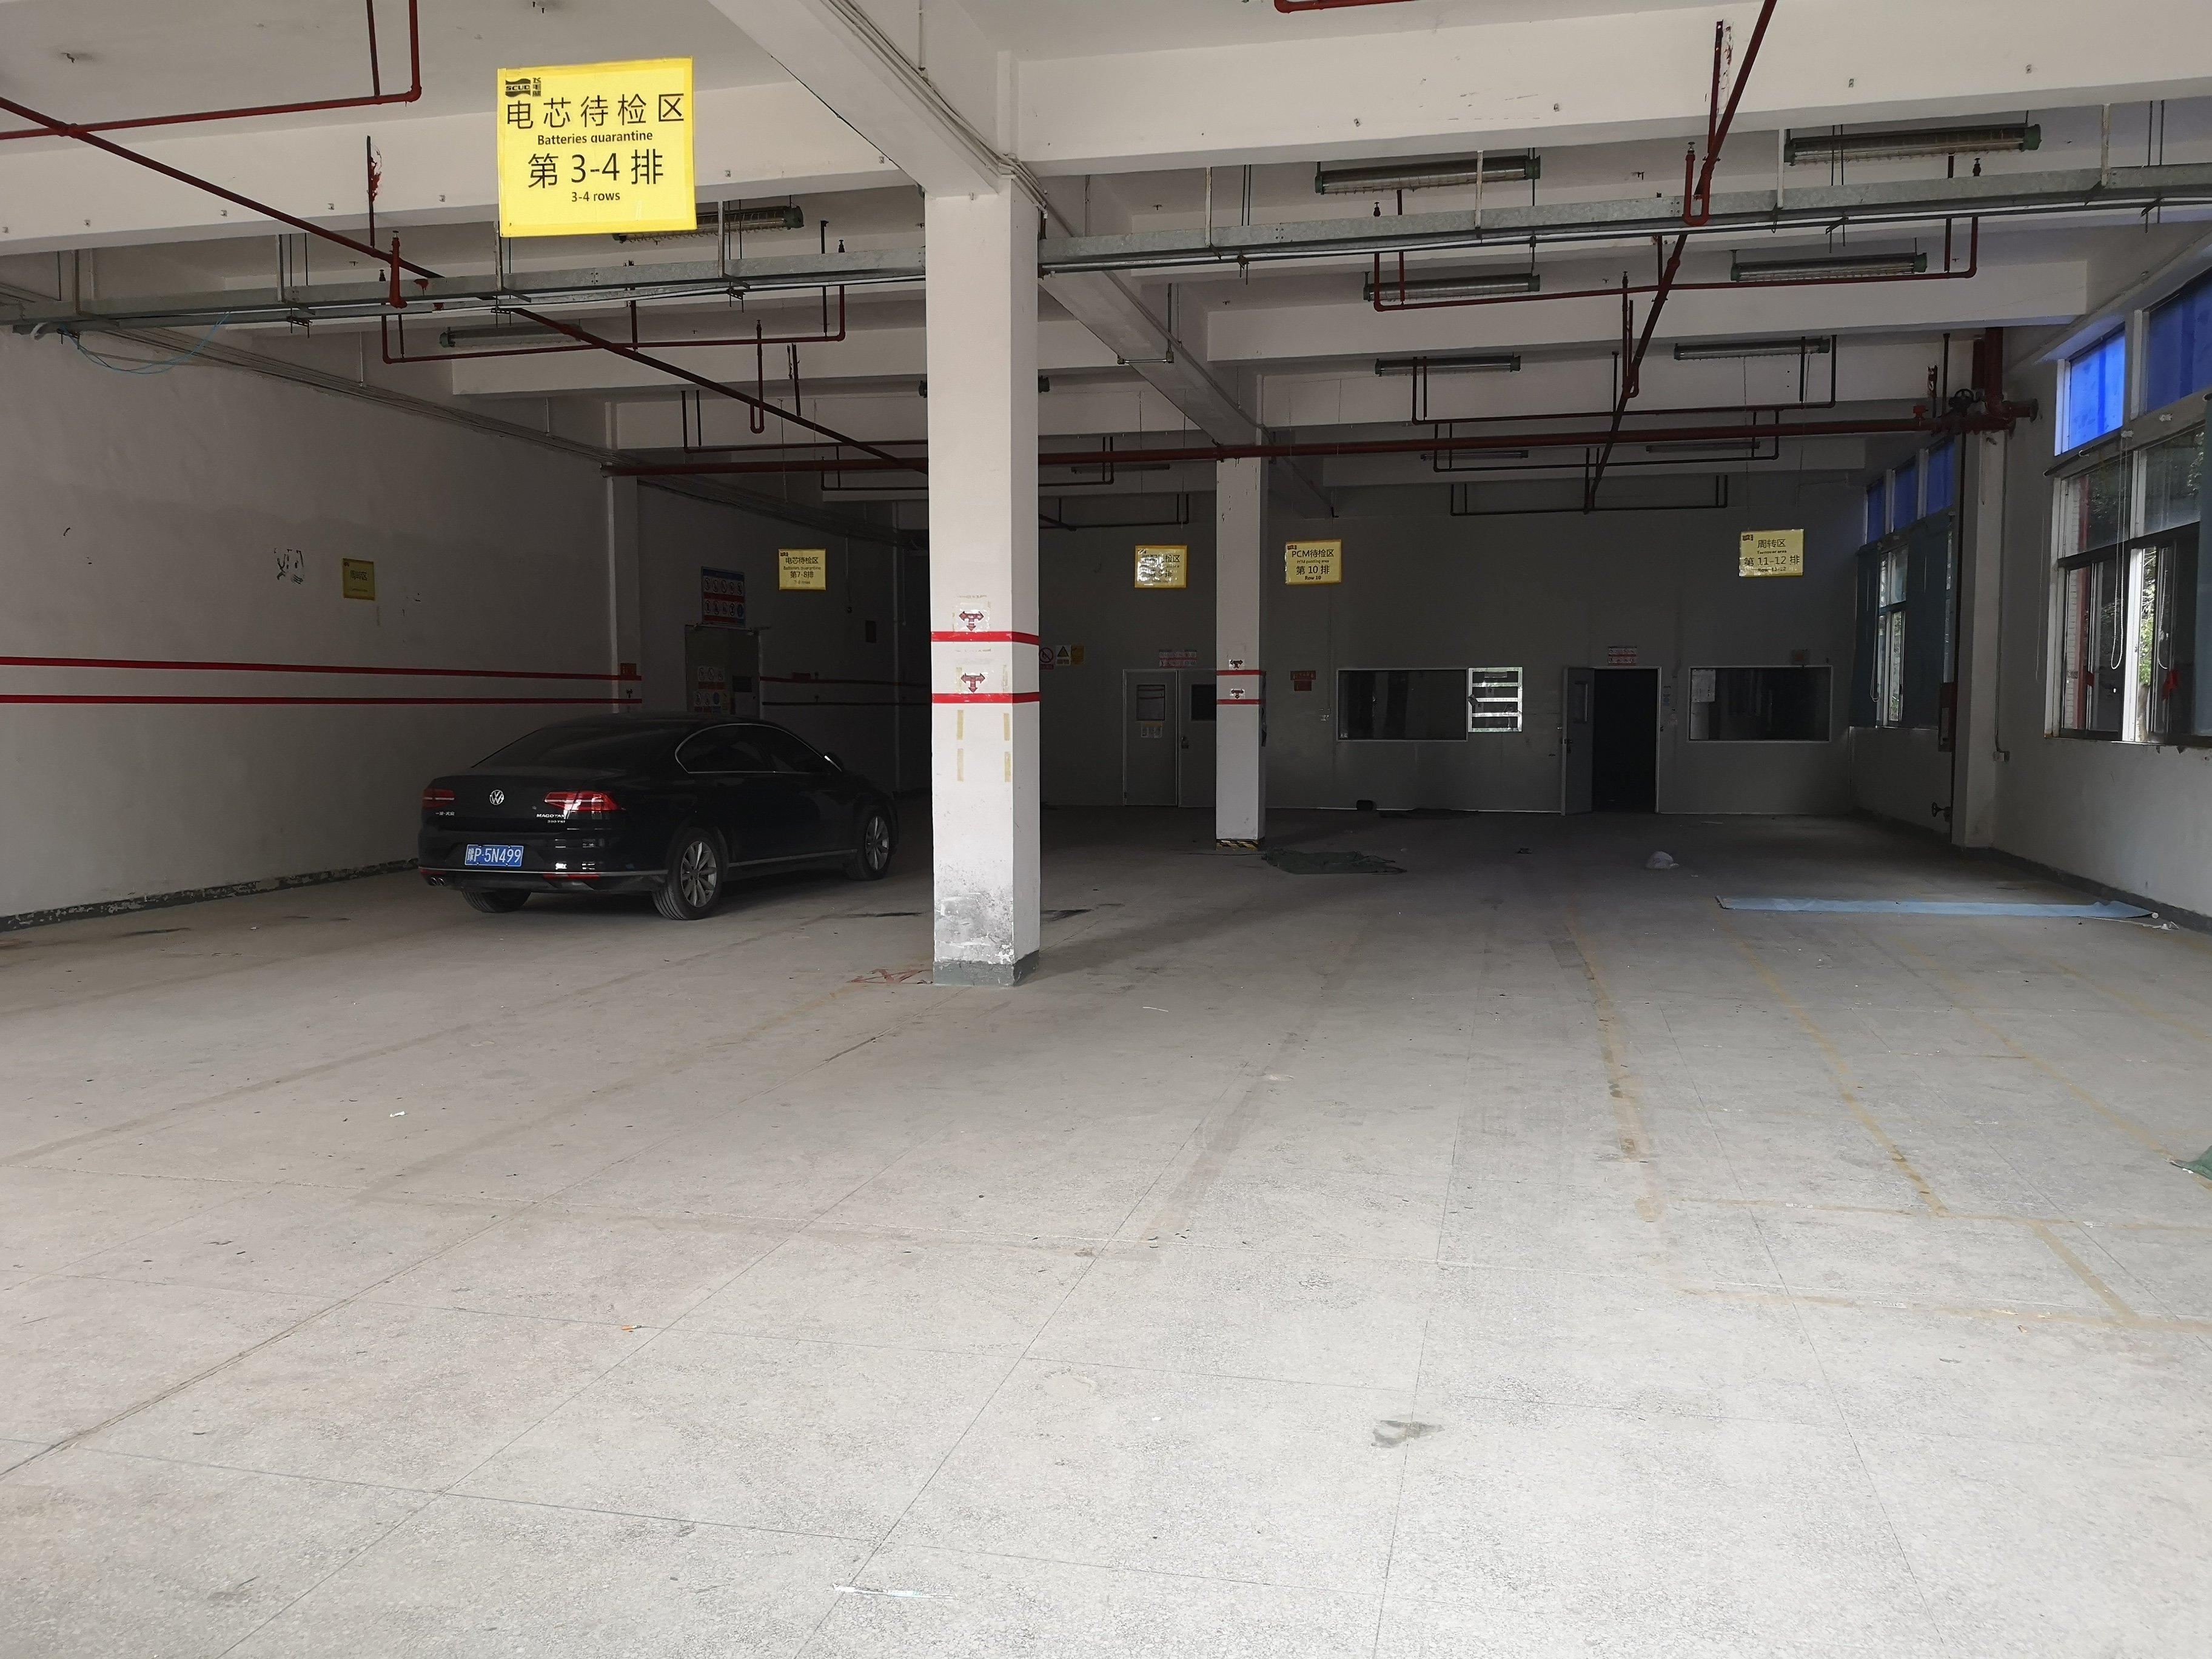 麟恒中心广场埔厦路一楼600平方厂房出租